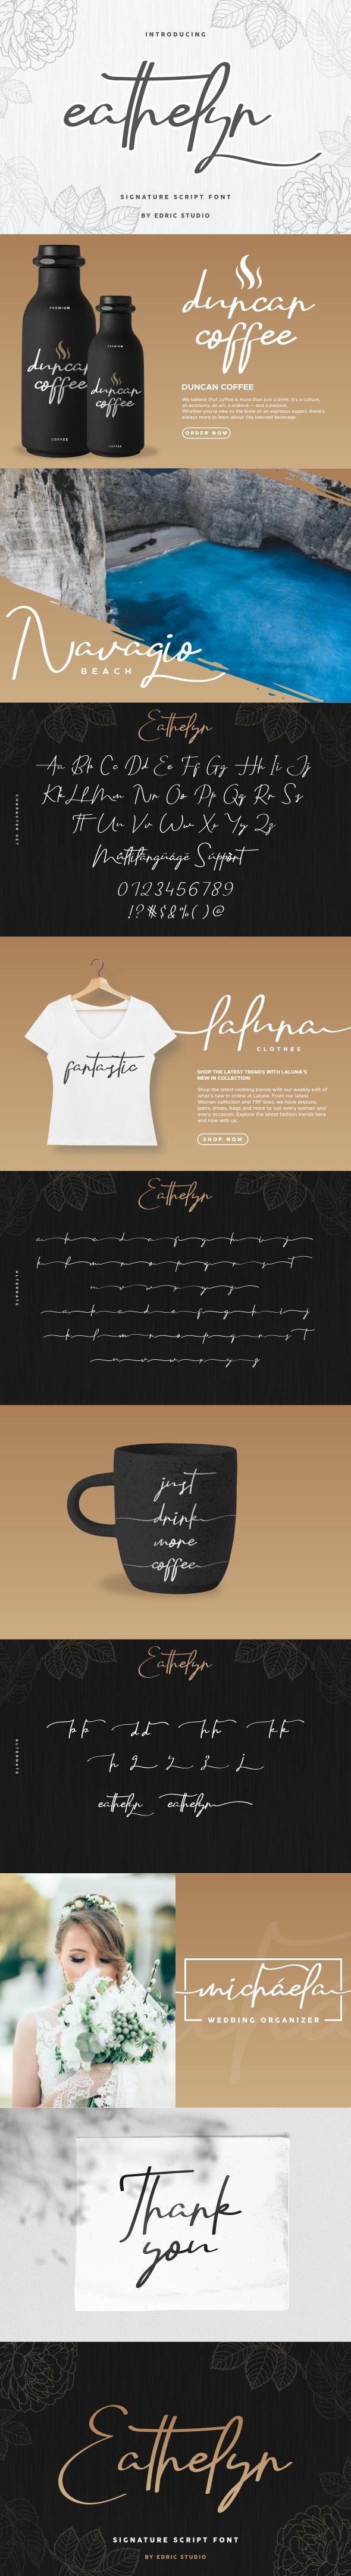 Eathelyn Signature Font - Script Fonts